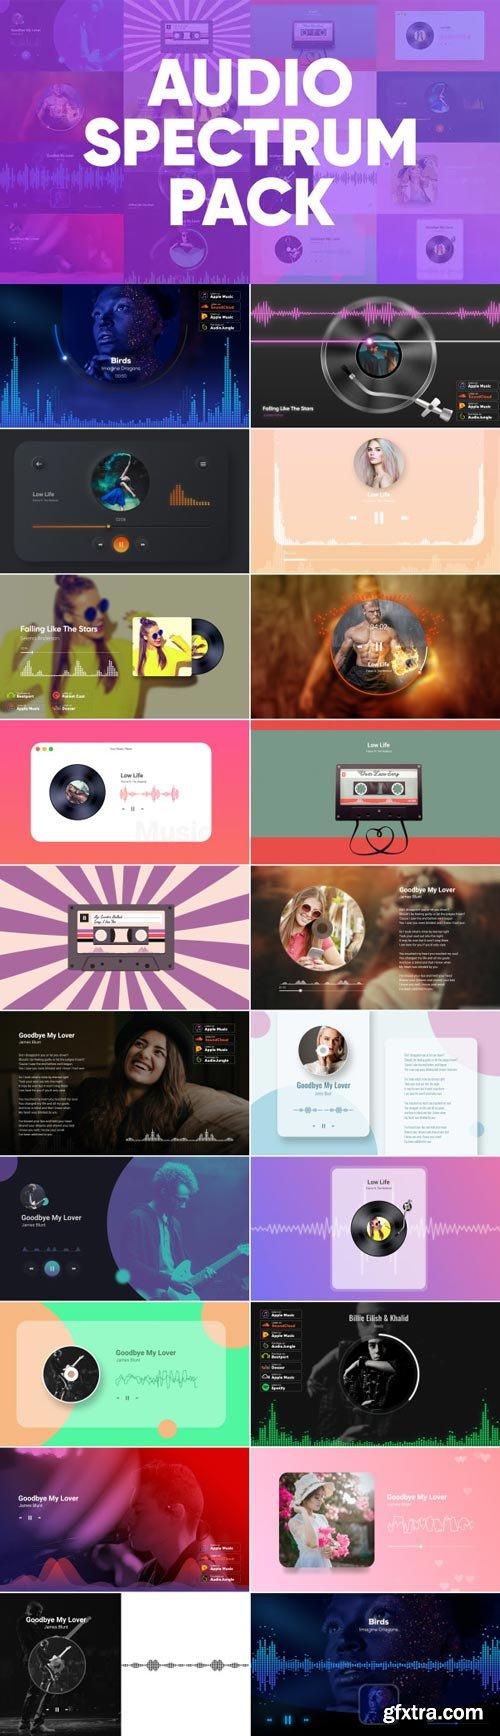 Videohive - Audio Spectrum Pack - 25645087